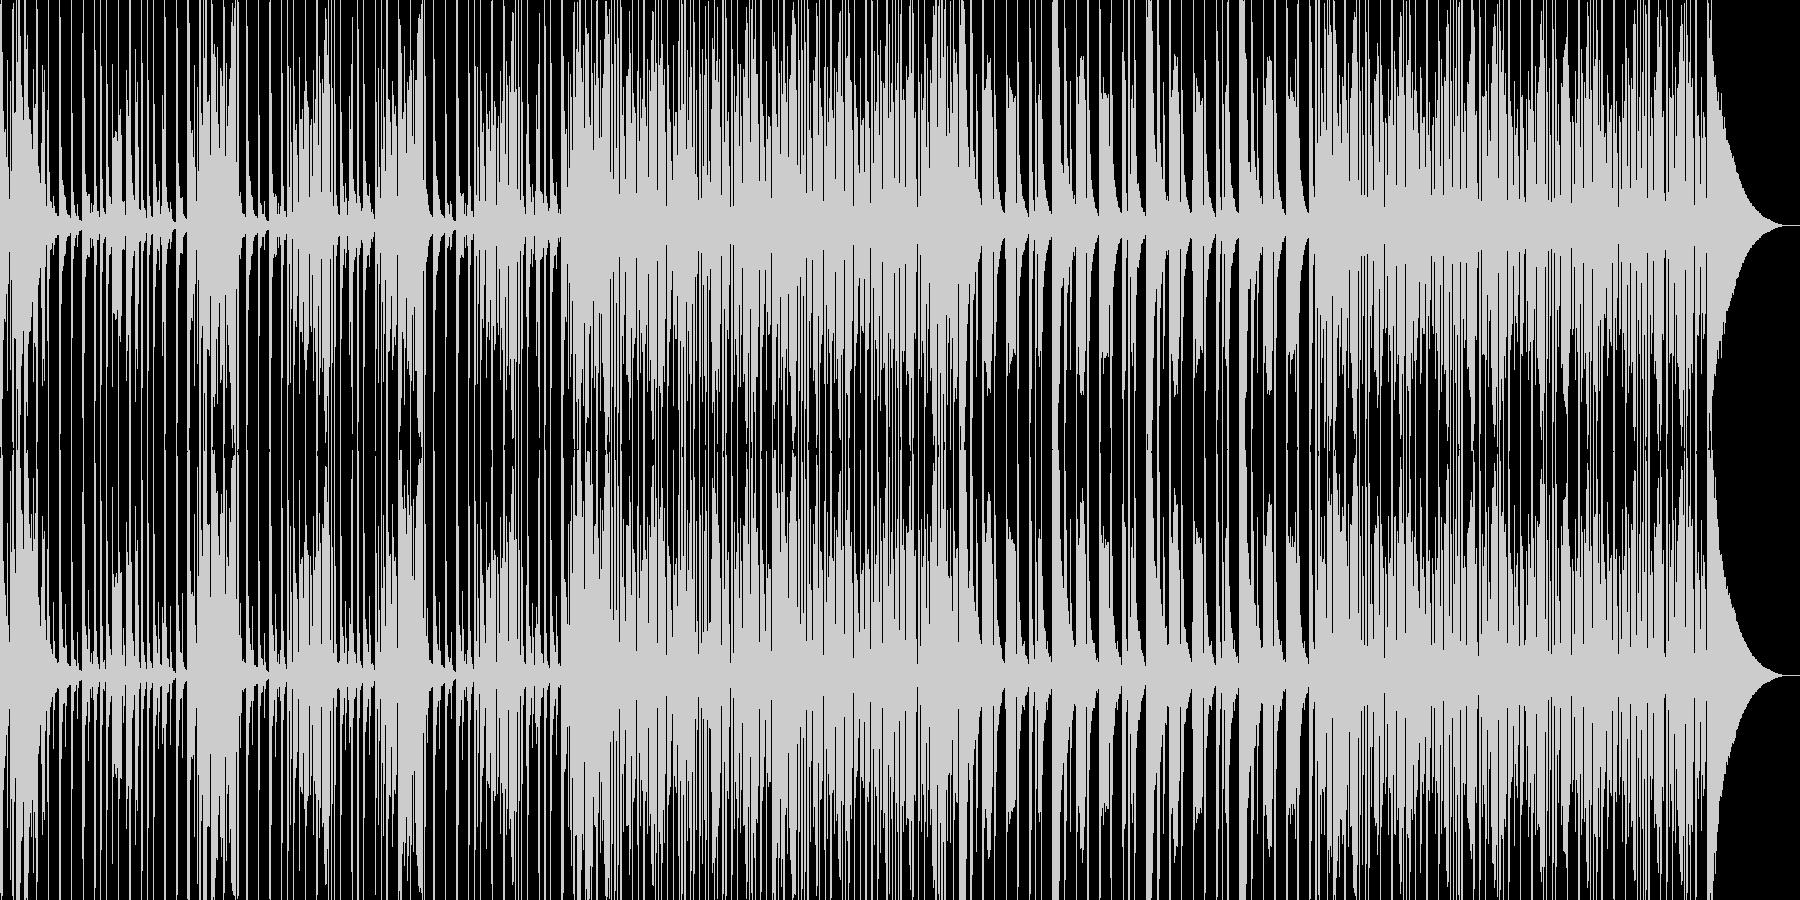 スラップベース主軸なファンキーな曲の未再生の波形